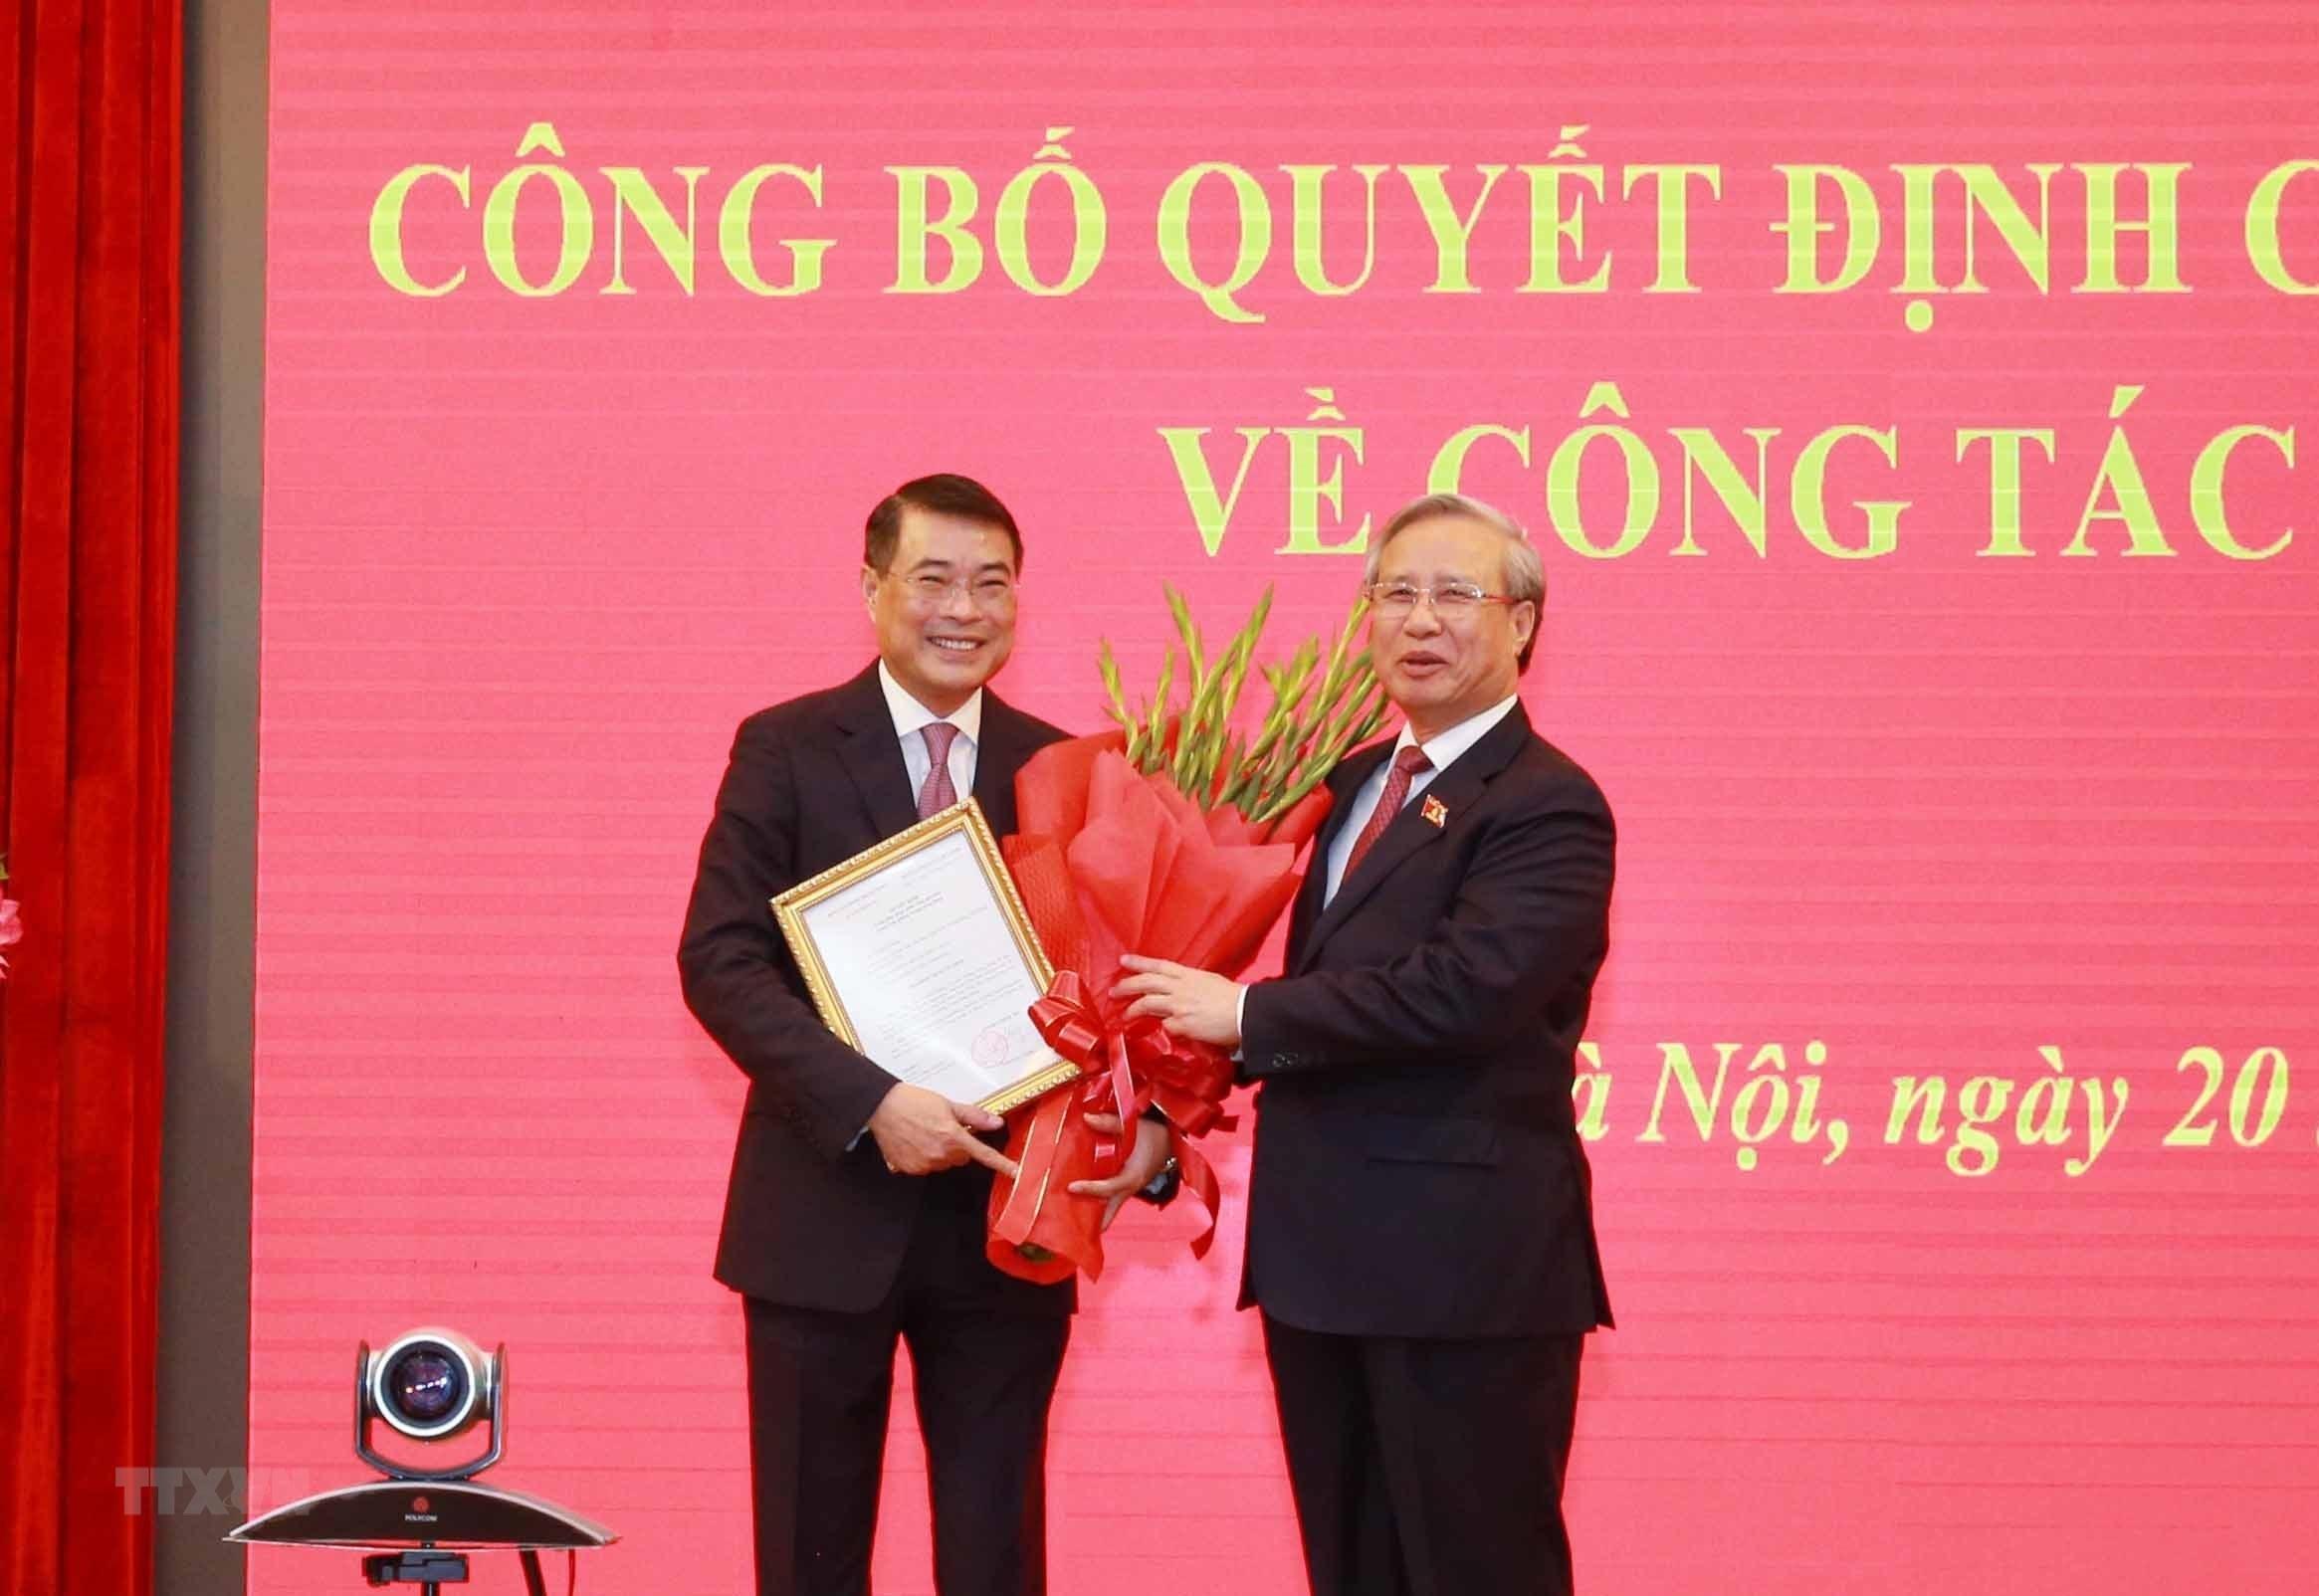 Đồng chí Lê Minh Hưng được điều động, phân công làm Chánh Văn phòng Trung ương Đảng